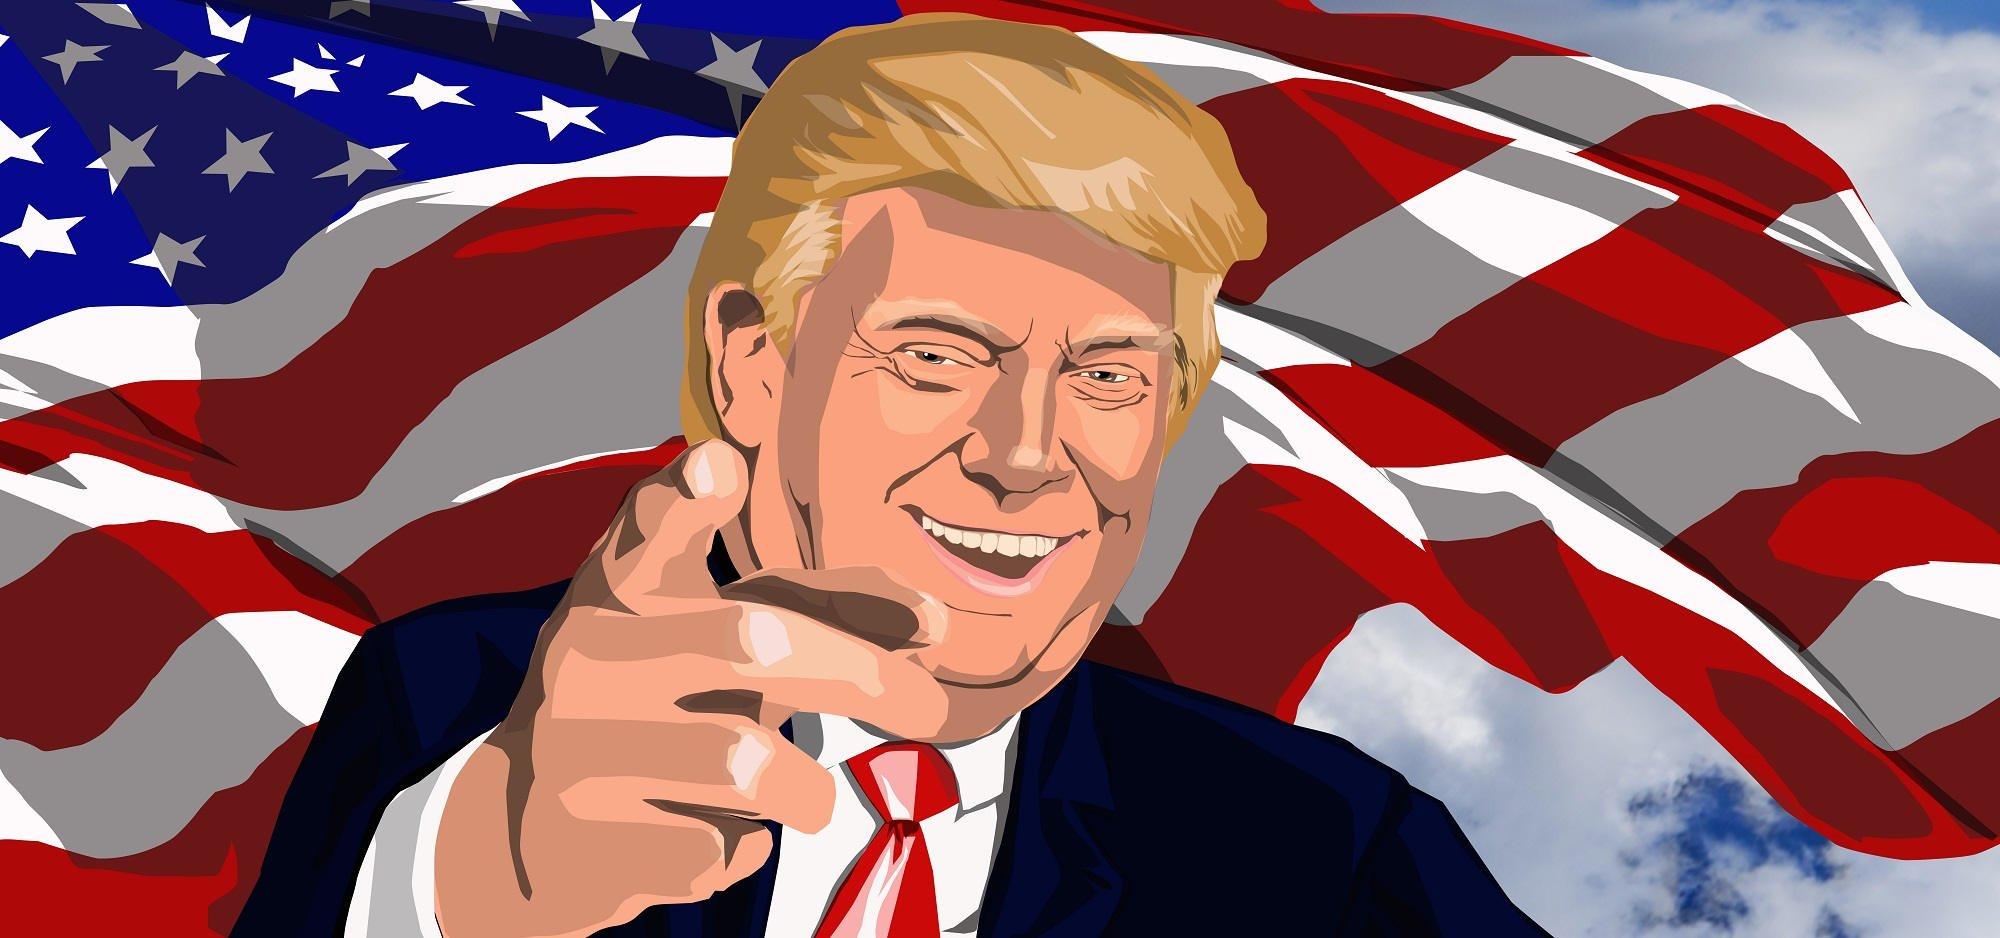 Setki prezesów zabierają głos wczasach Trumpa. Co łączy ich wypowiedzi?